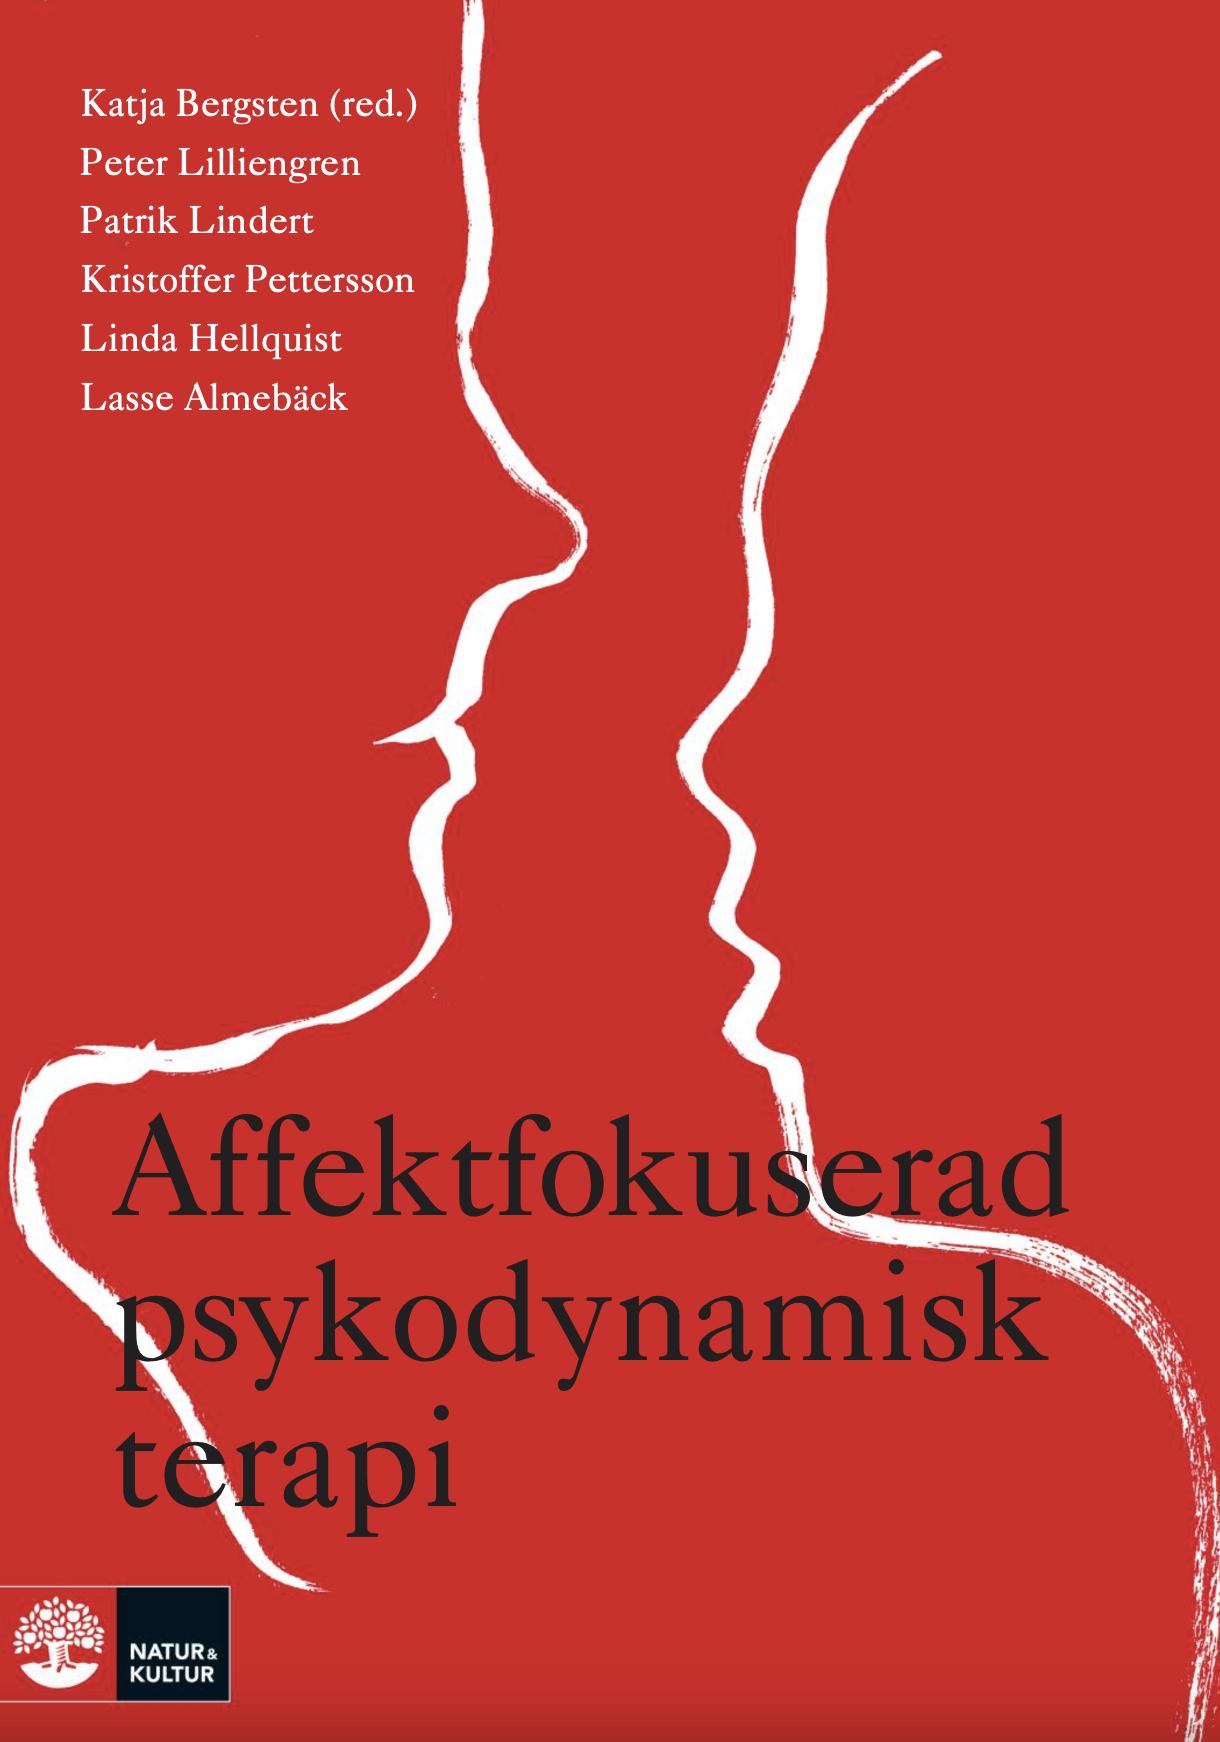 Bokomslag - Affektfokuserad psykodynamisk psykoterapi av Katja Lindert Bergsten, legitimerad psykolog Kristoffer Pettersson Stockholm